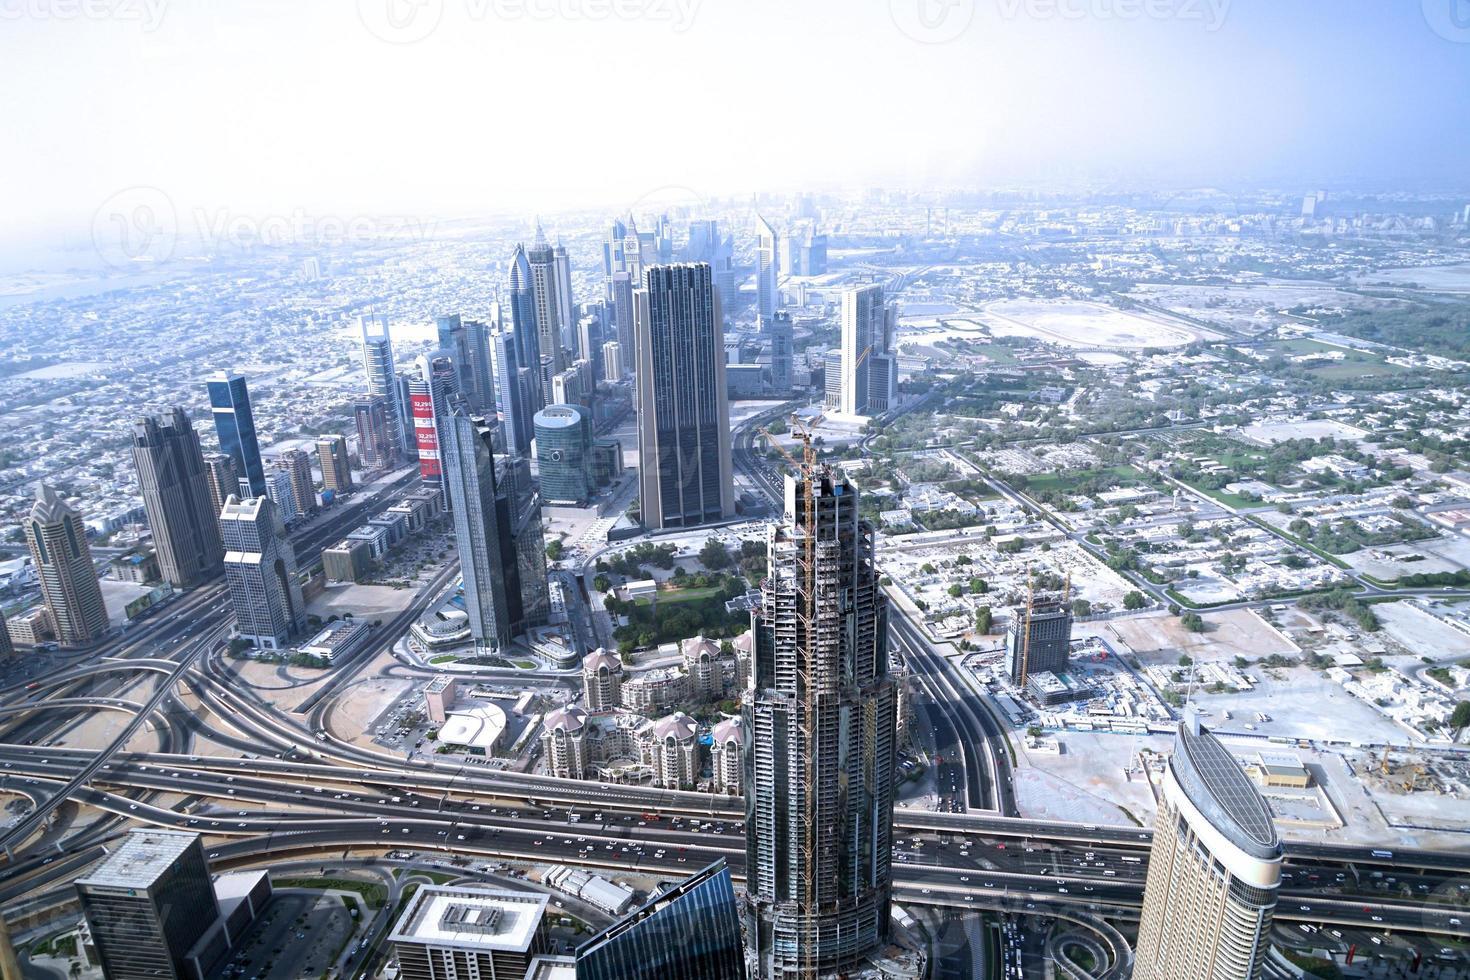 uitzicht over Dubai stad vanaf de top van een toren. foto